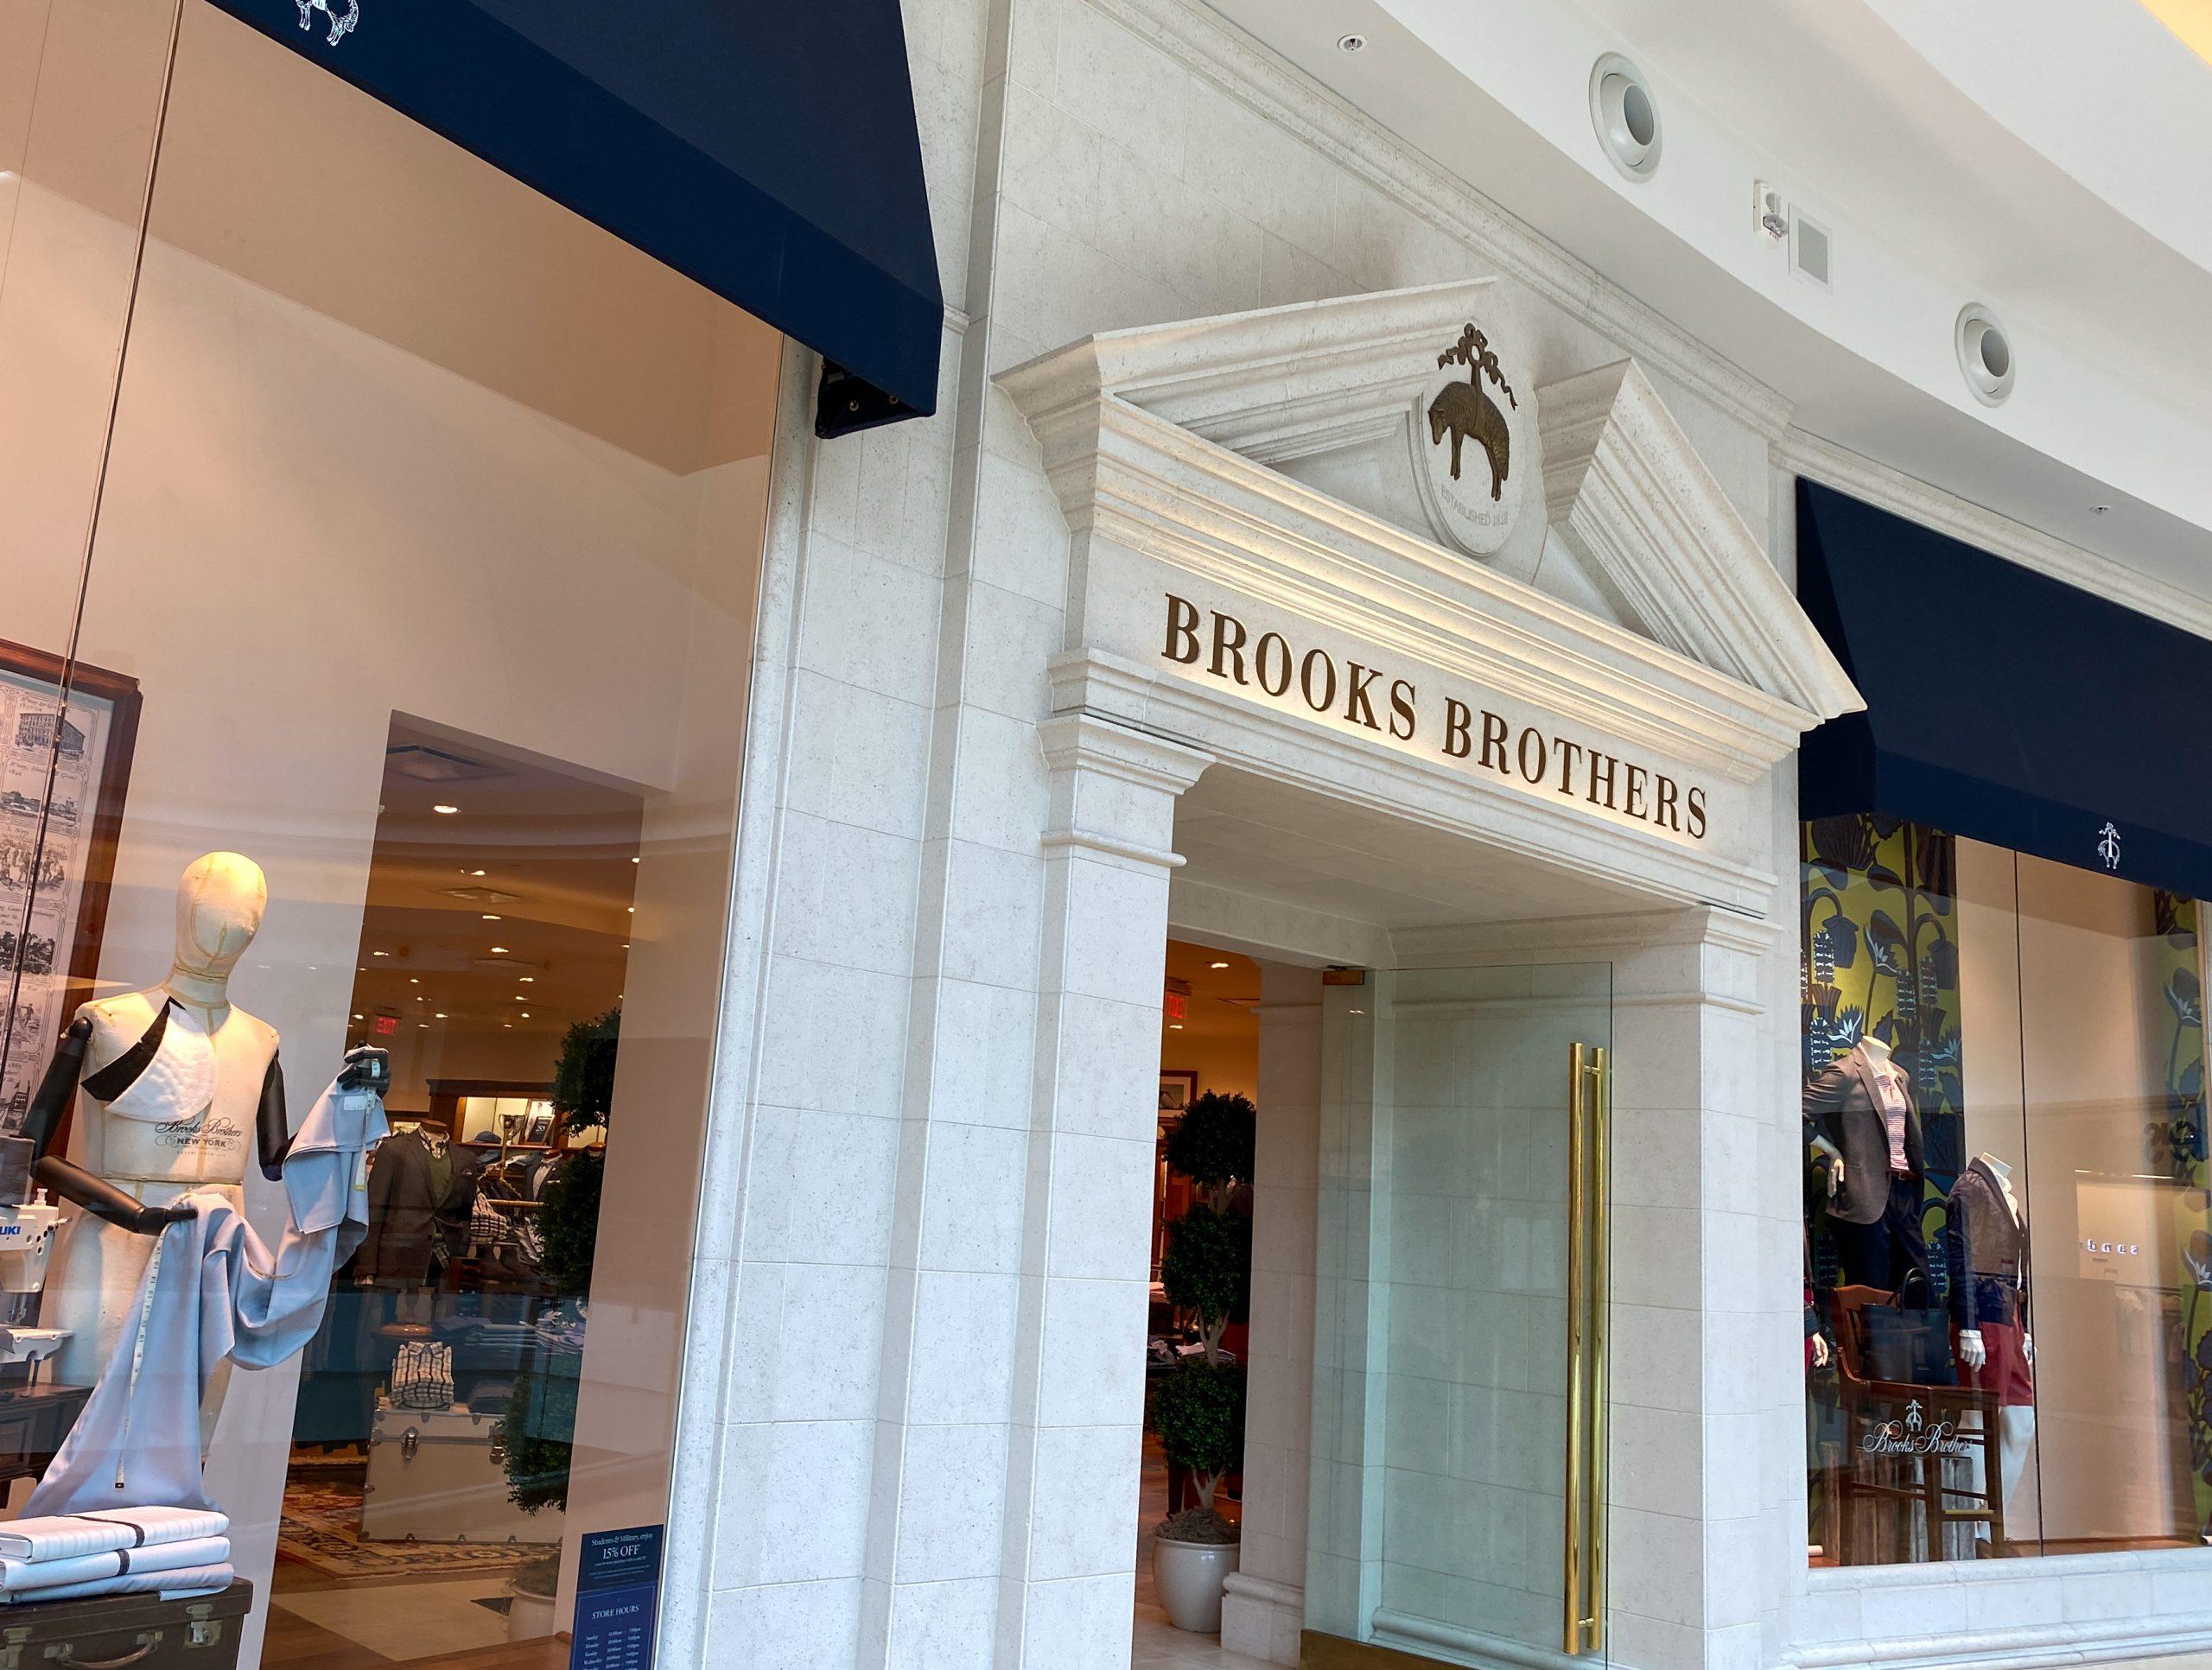 Qui pour reprendre Brooks Brothers, la marque mythique des présidents américains?